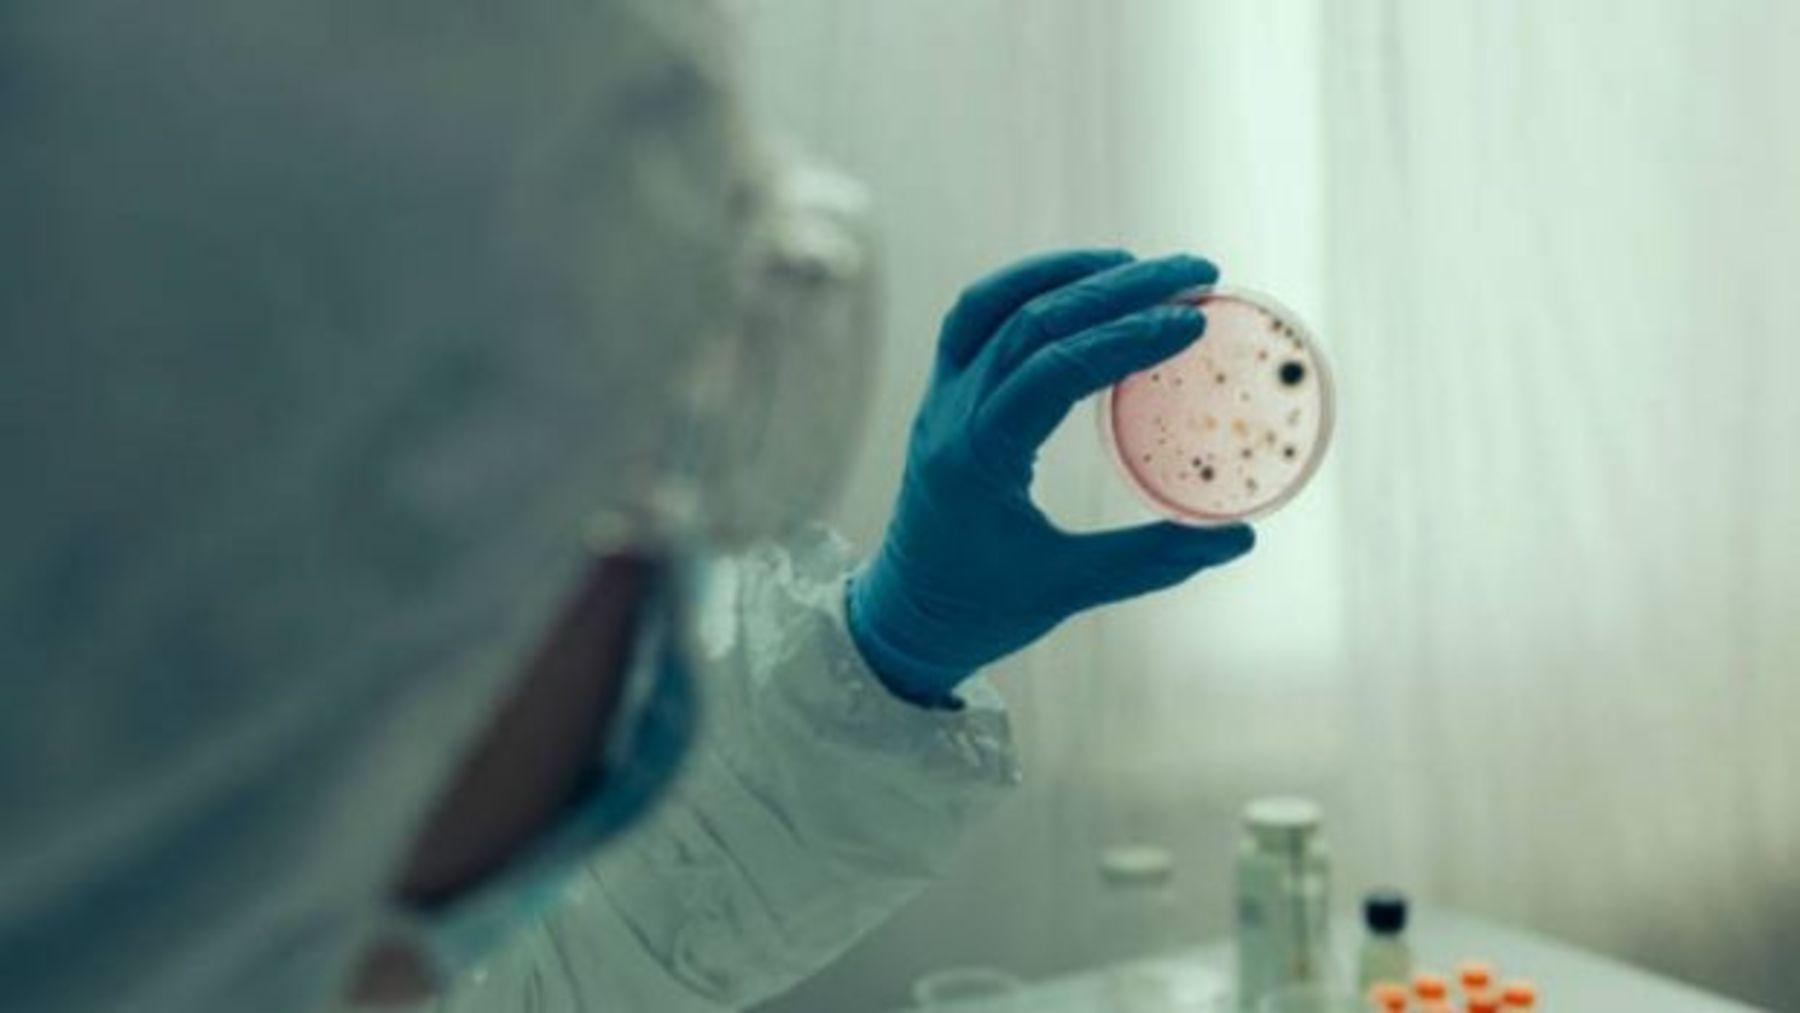 Descubre cuáles son las enfermedades más mortales del mundo